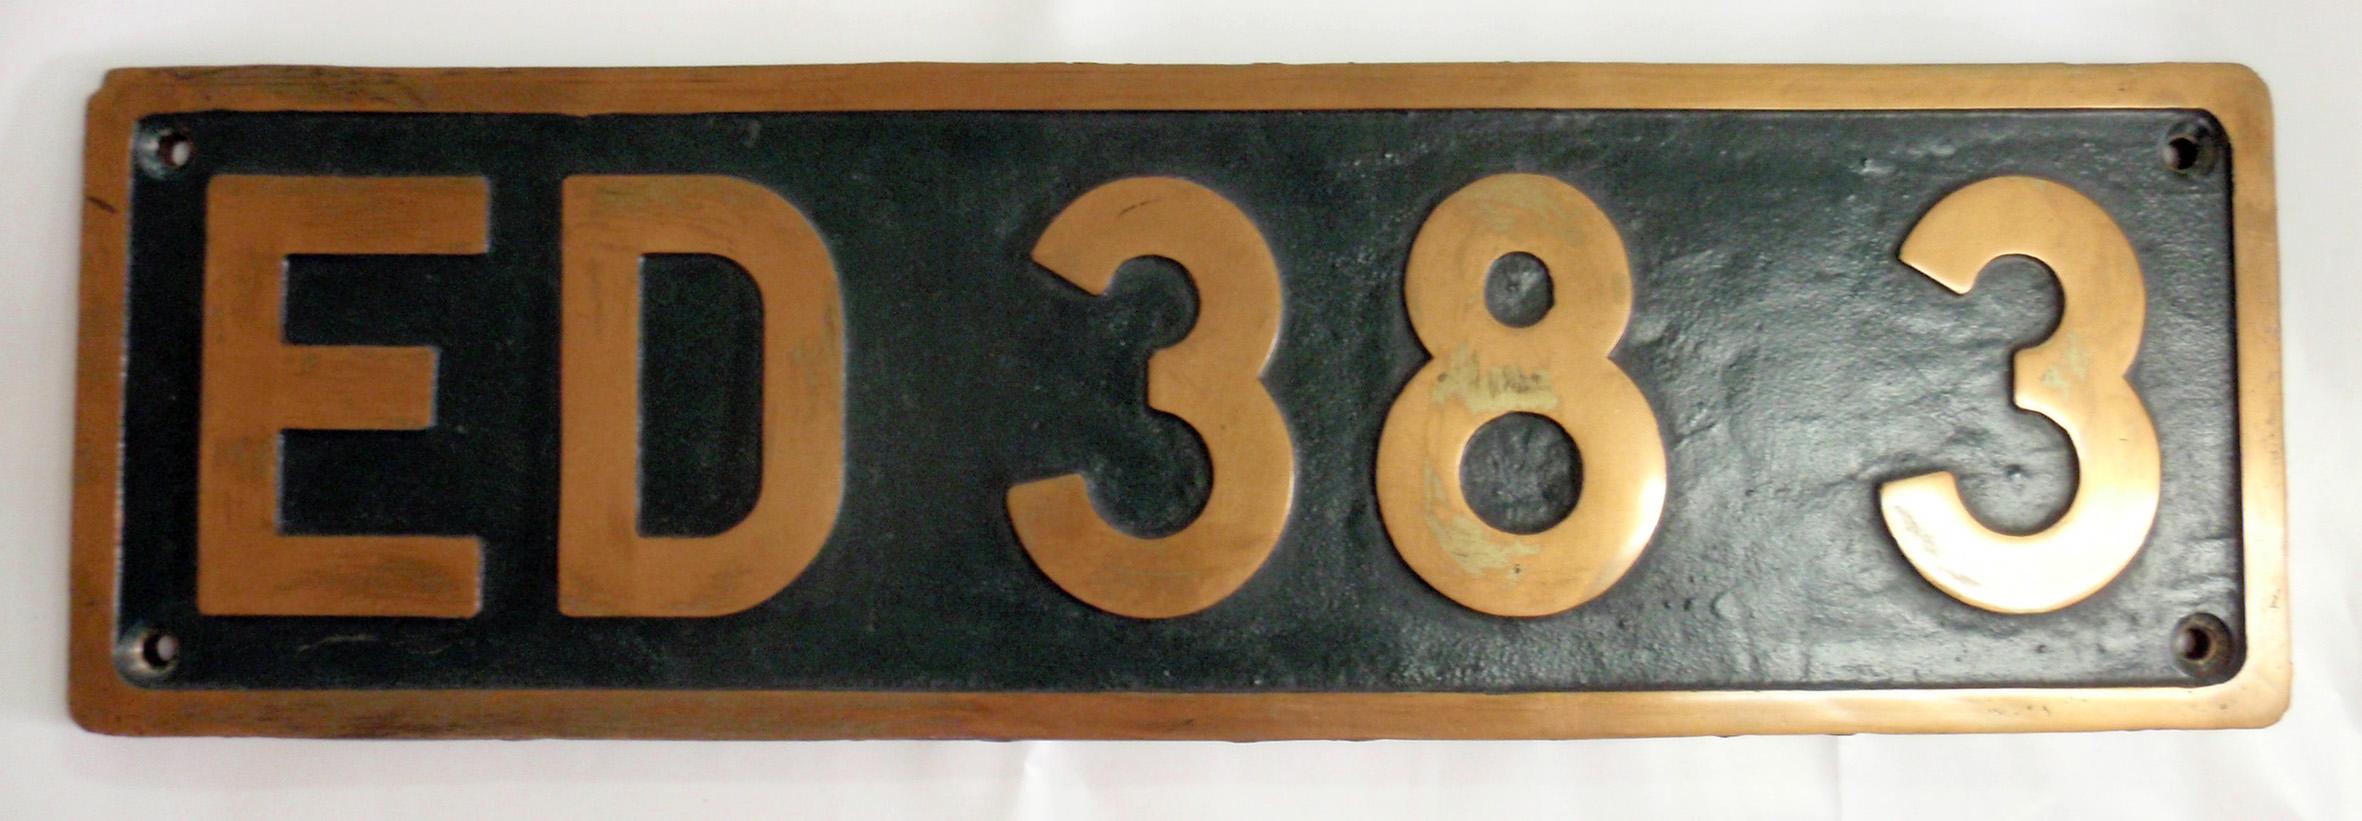 「ED383」ナンバープレート